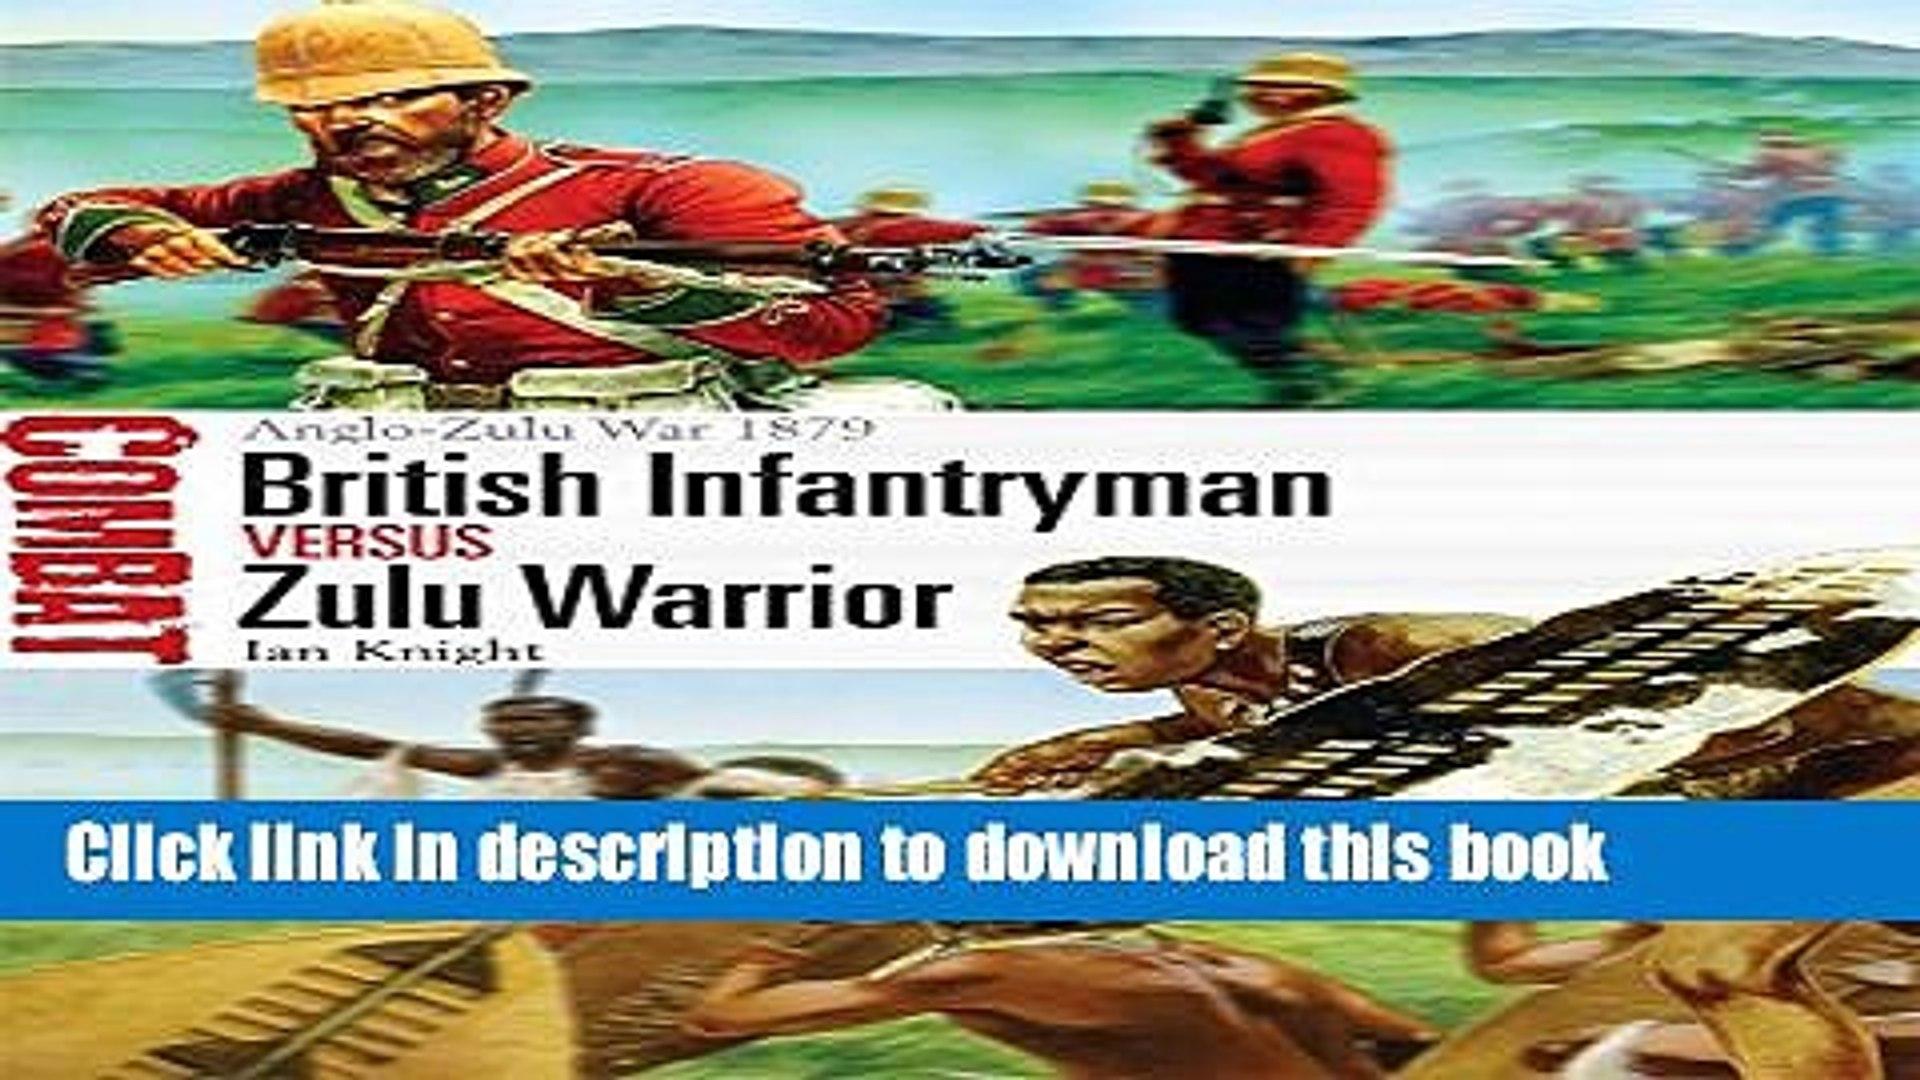 [PDF] British Infantryman vs Zulu Warrior: Anglo-Zulu War 1879 [Full Ebook]